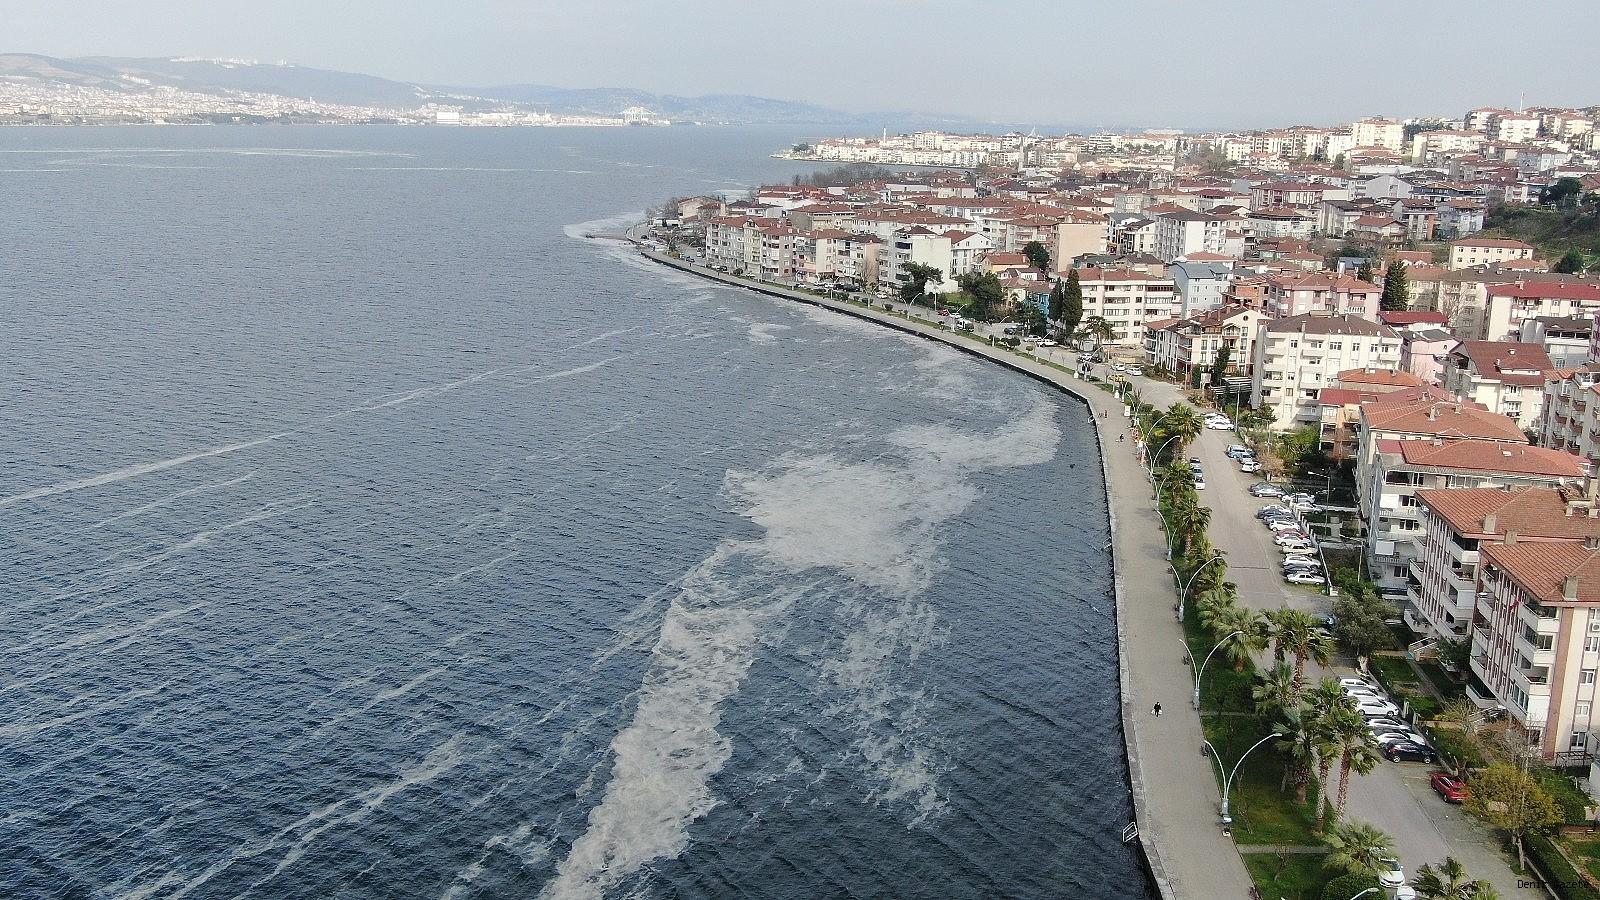 Deniz salyası nedir, deniz salyası nasıl oluşur, deniz salyası ne zaman oluşur.